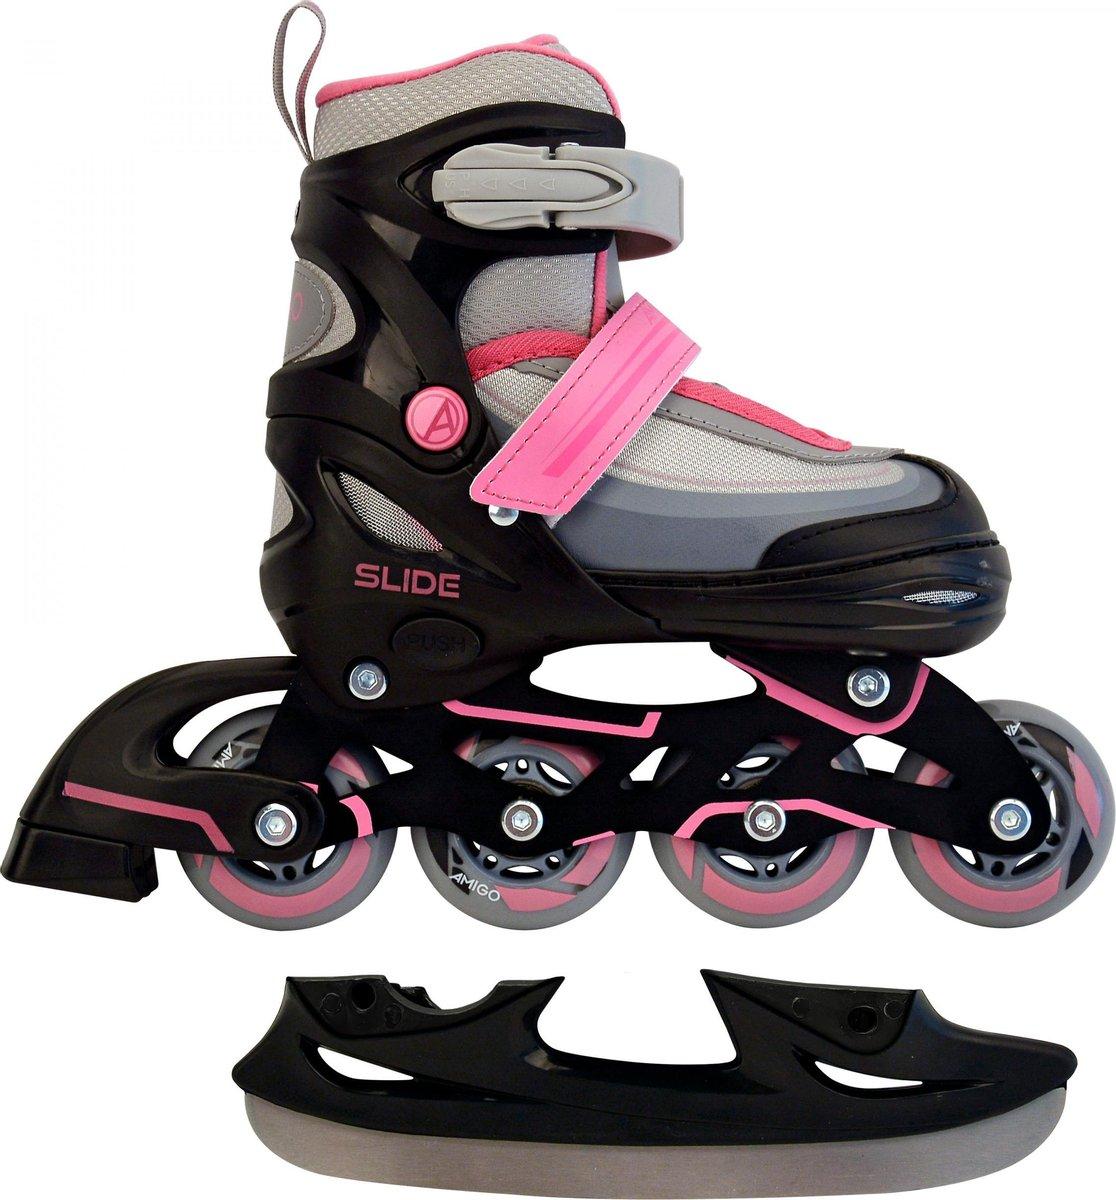 AMIGO Slide 2-in-1 skates - Voor meisjes - Zwart/Roze - Maat 30-33